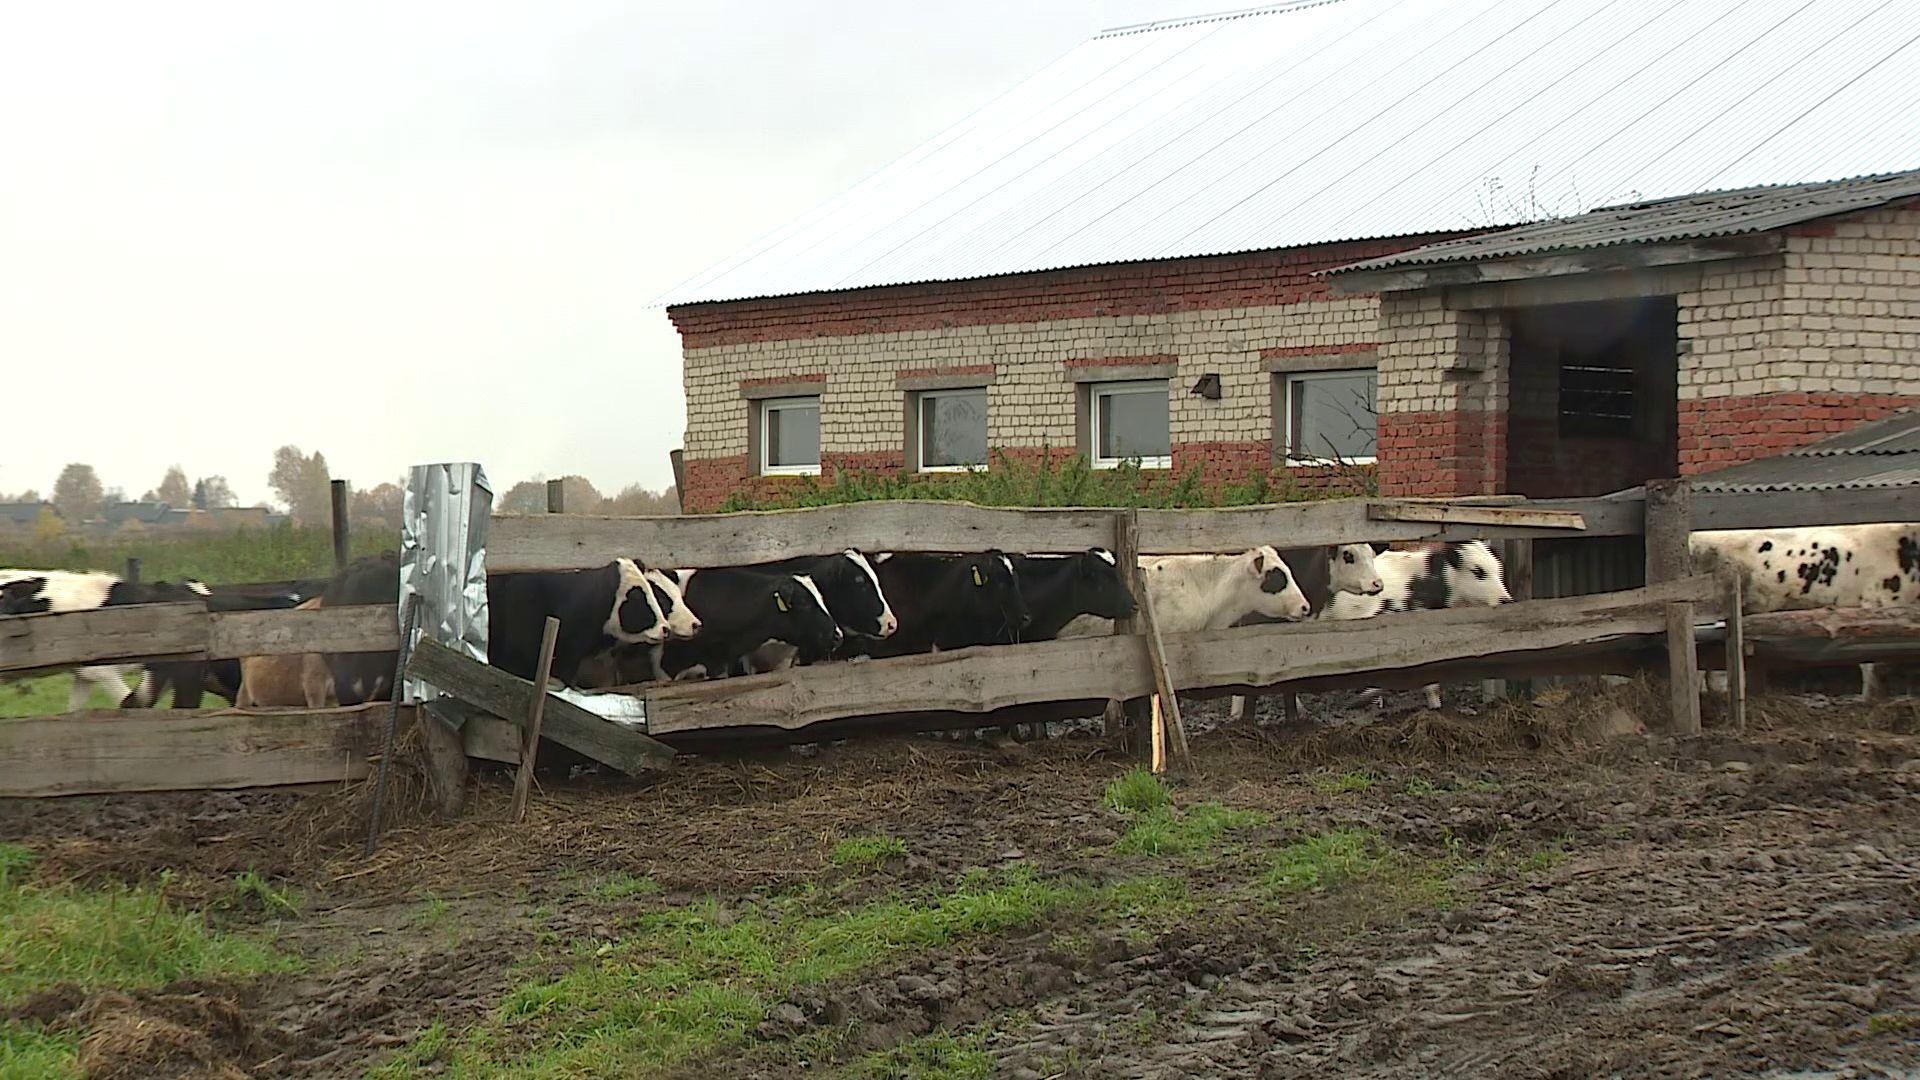 Государственный грант на развитие фермерского хозяйства в Ярославской области могут получить разные отрасли